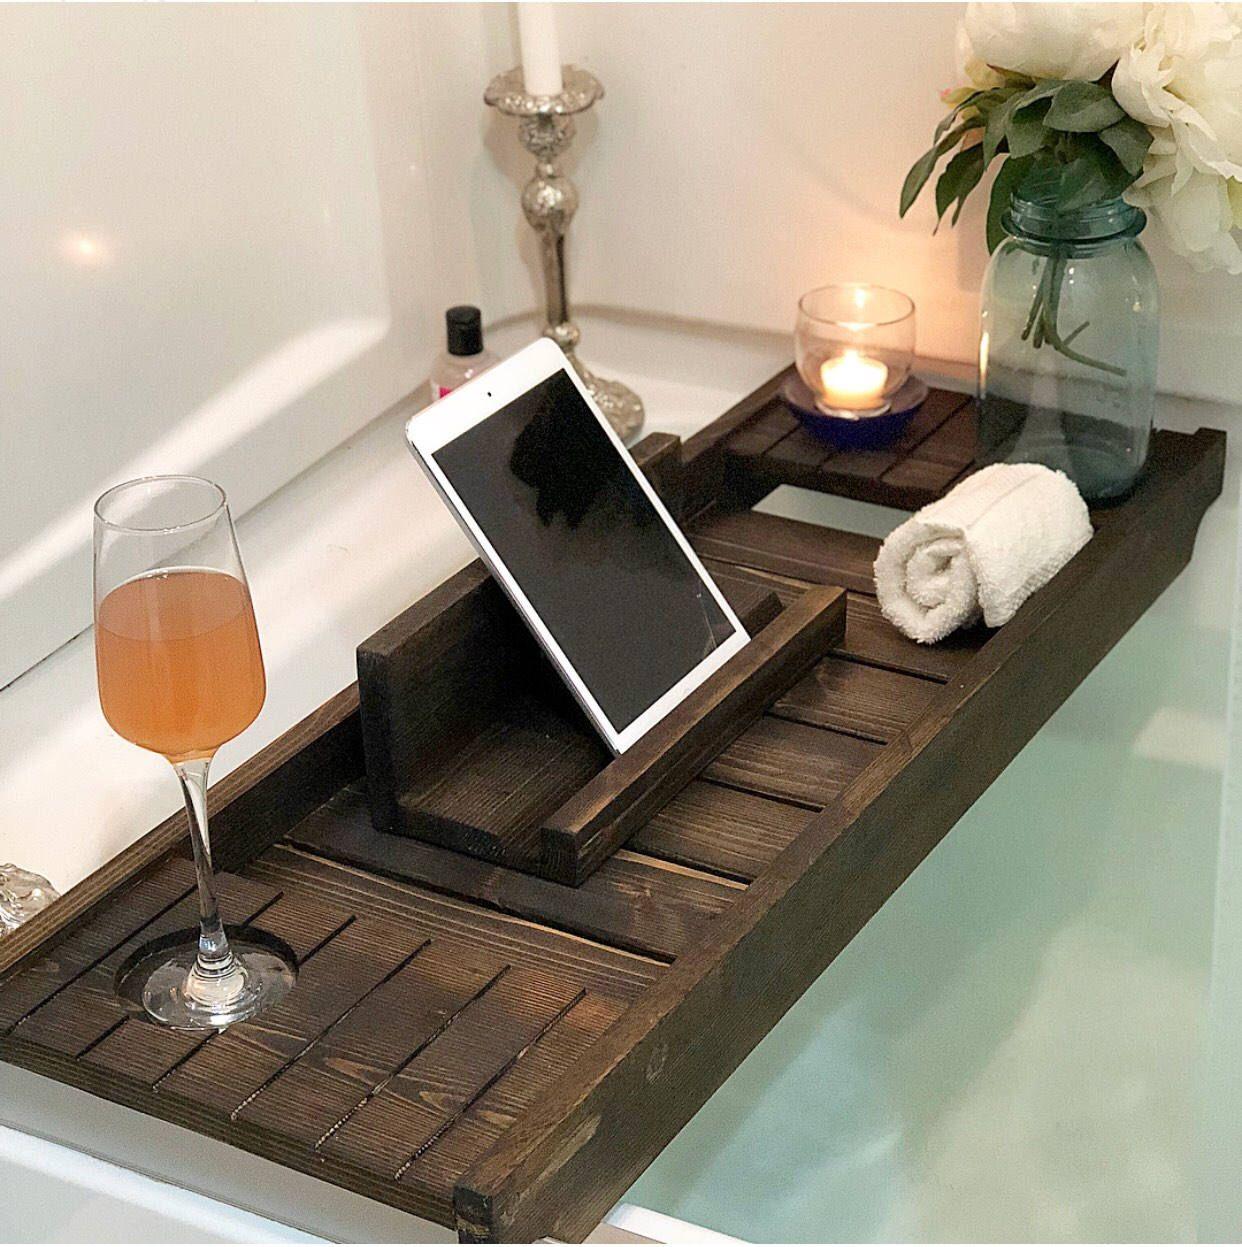 High Quality Bath Tray With Wine Holder, Bath Caddy, Bath Tray With IPad Holder, Wooden  Bathtray, Bathtub Tray, Bath Tub Tray